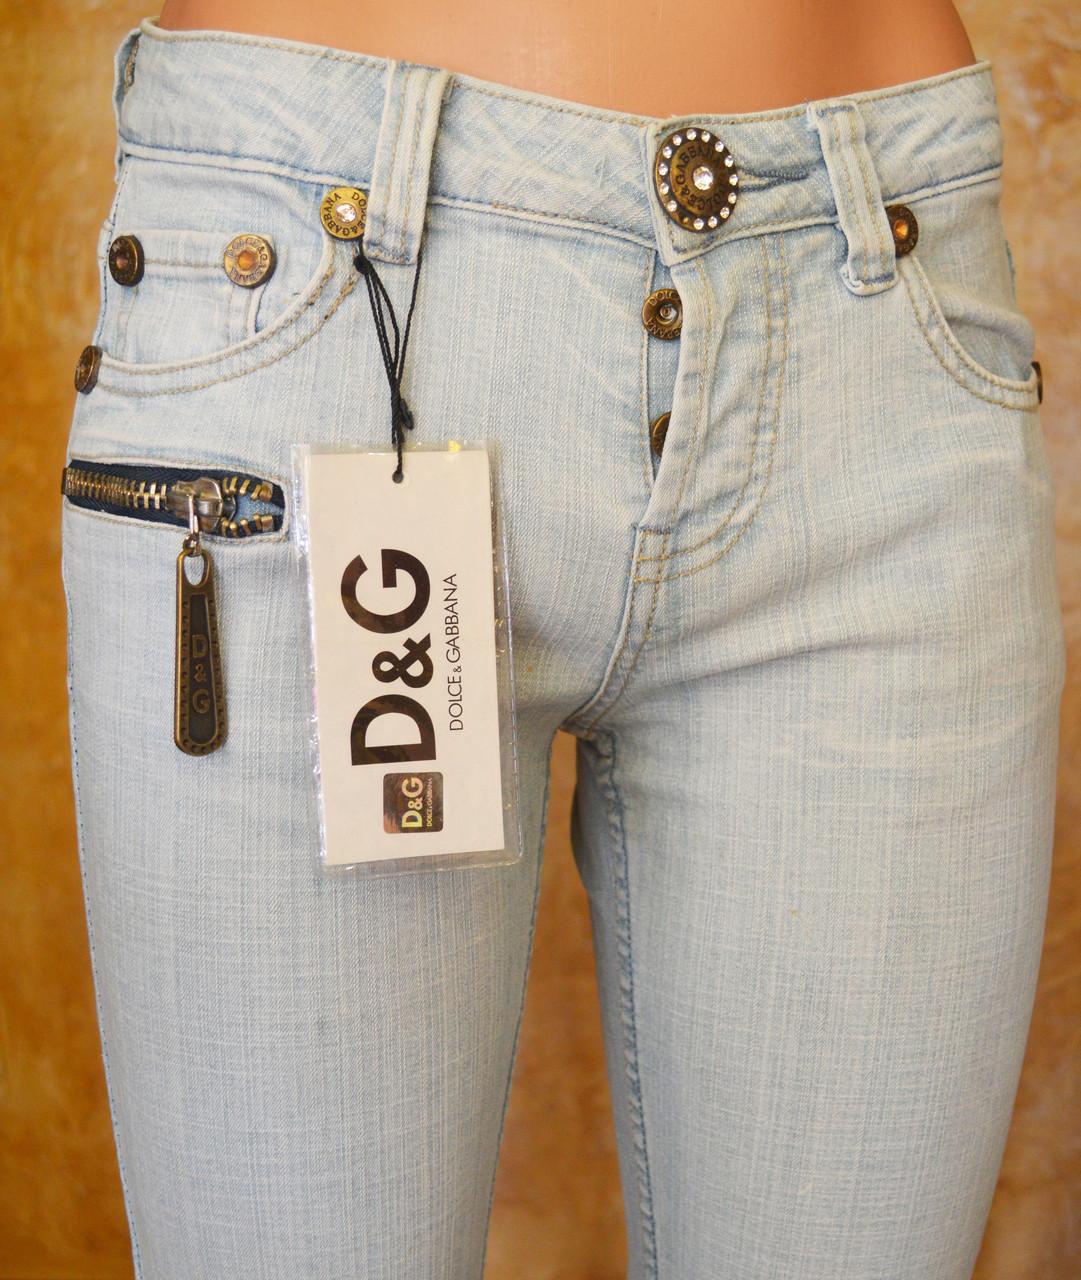 Женские джинсы D&G345 (копия) р.26